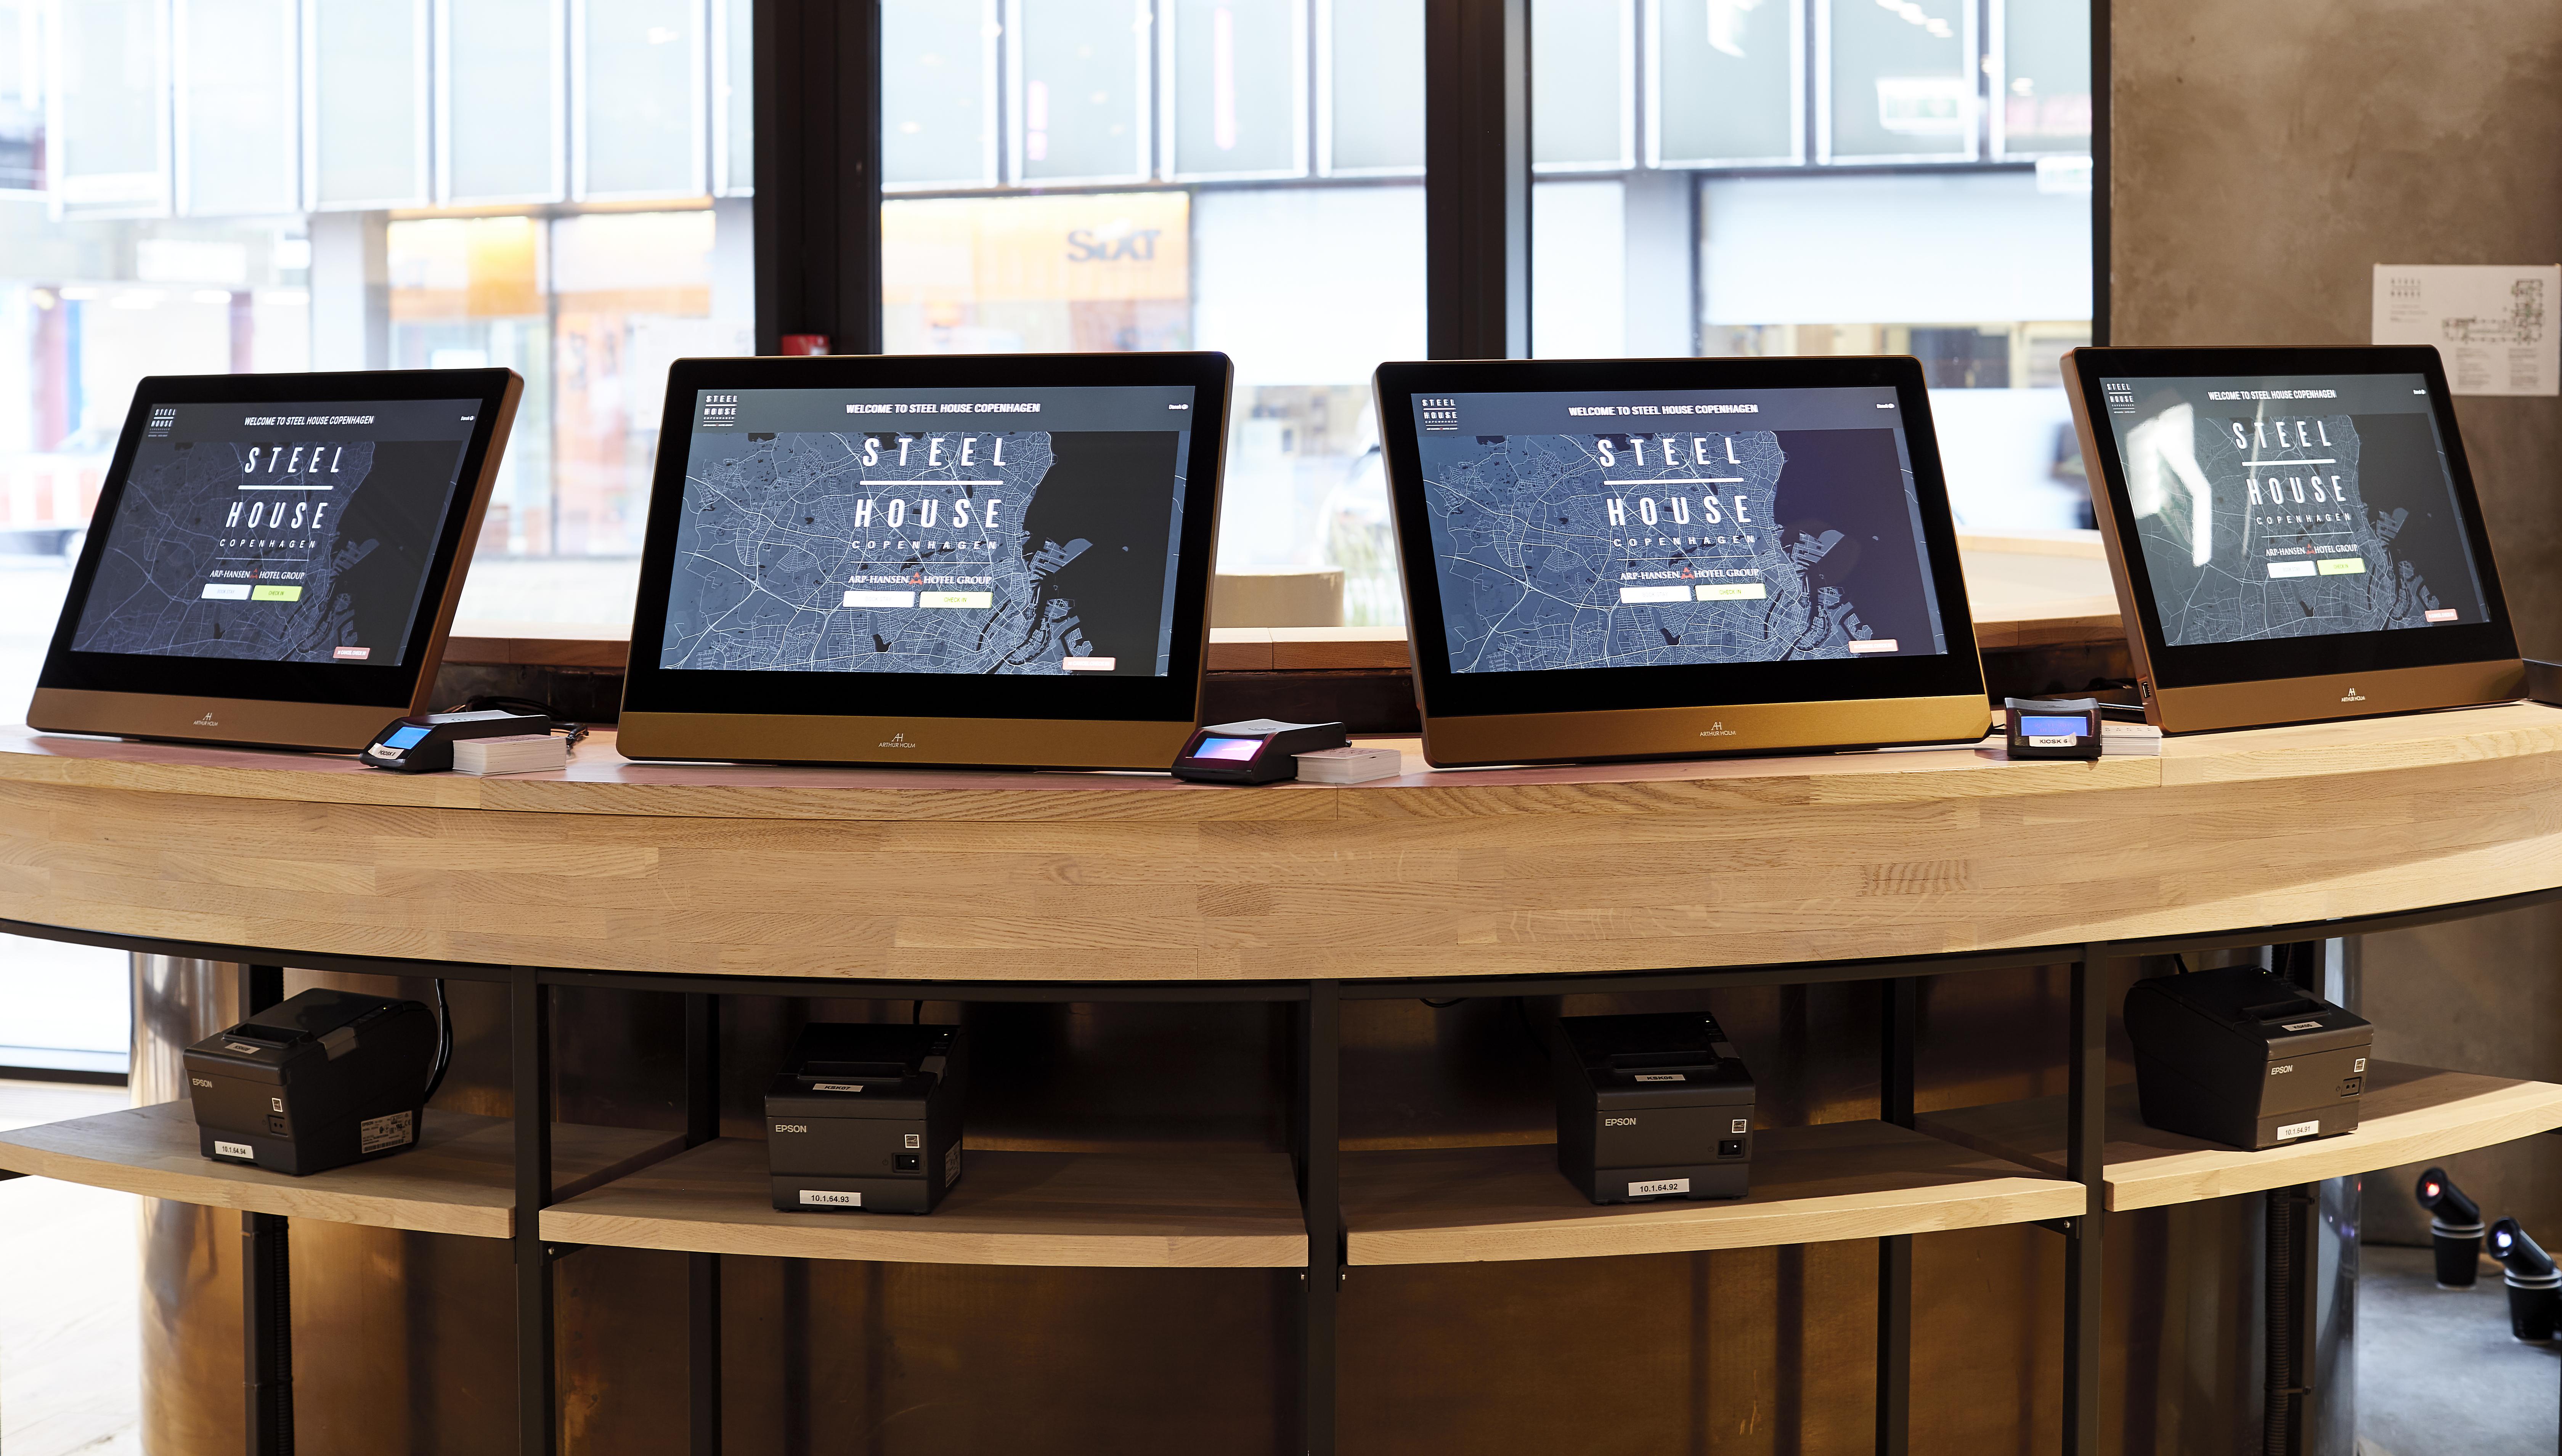 monitors in hotel reception